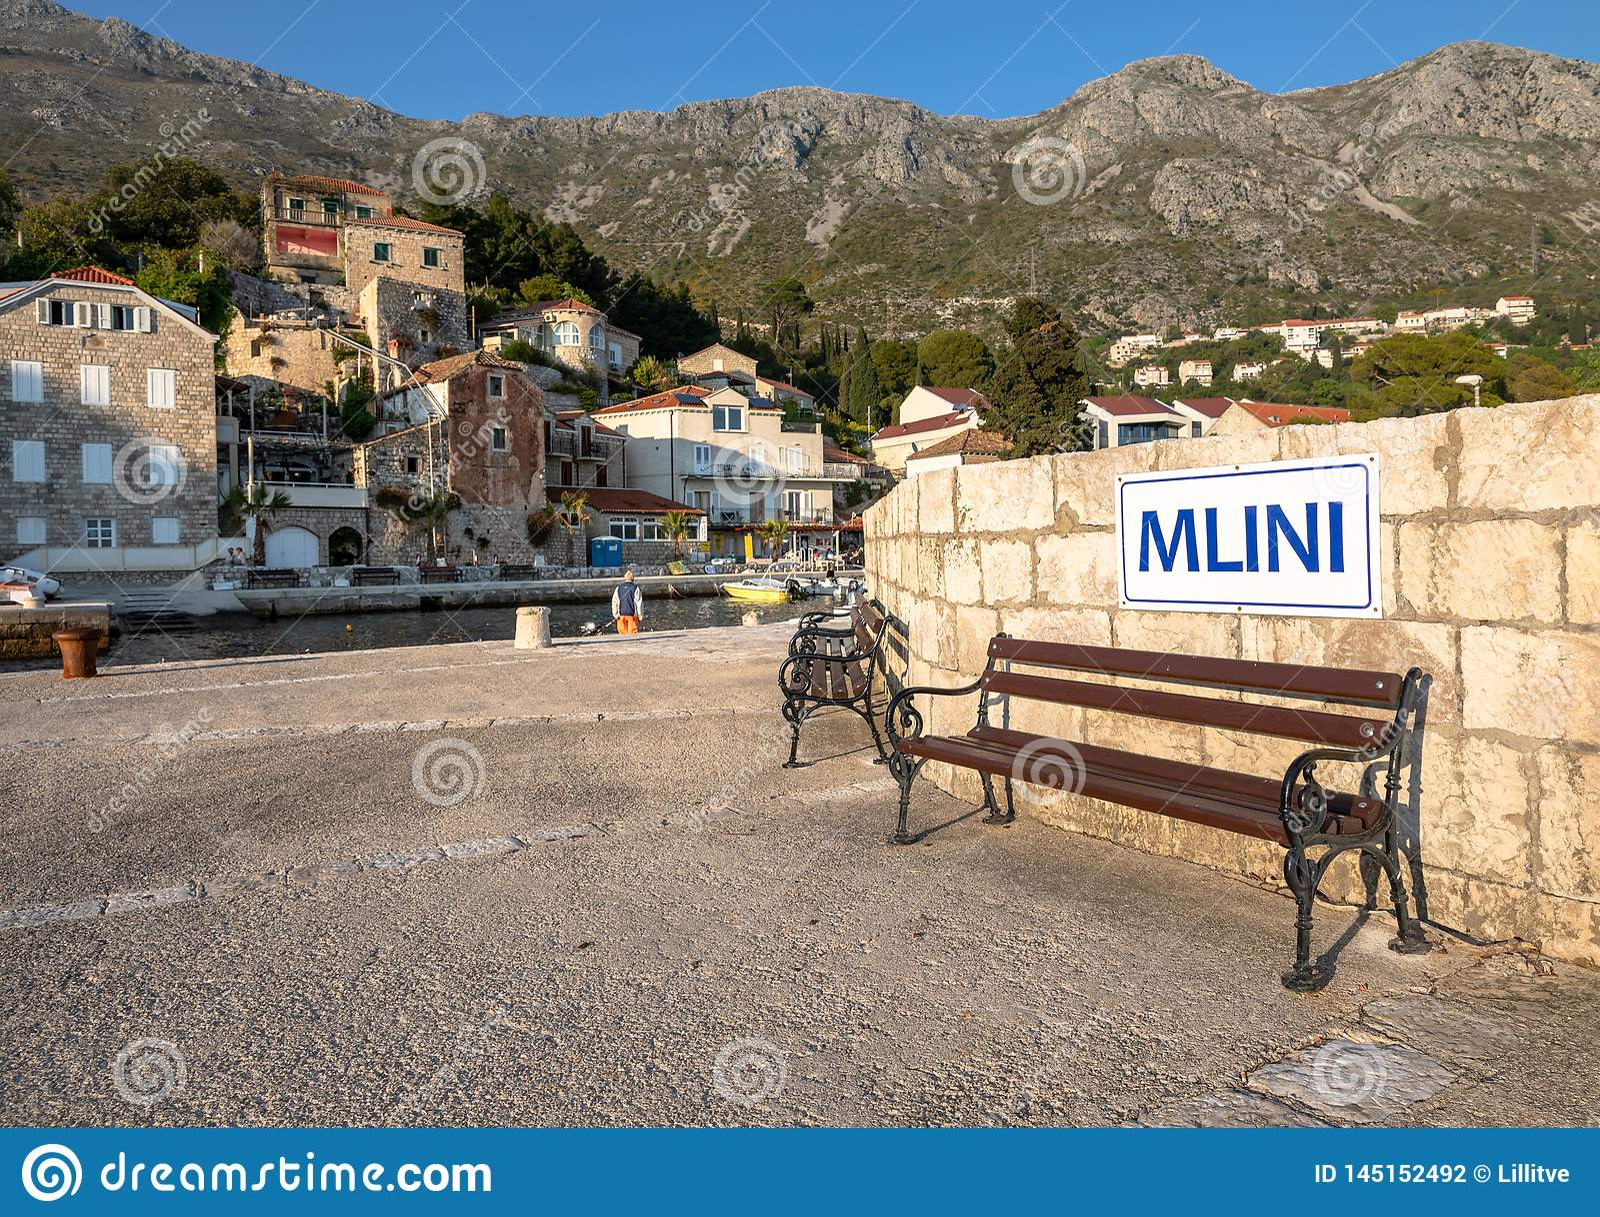 Mlini, Κροατία - τον Απρίλιο του 2019: Πάγκος και σημάδι στο ειδυλλιακό χωρι